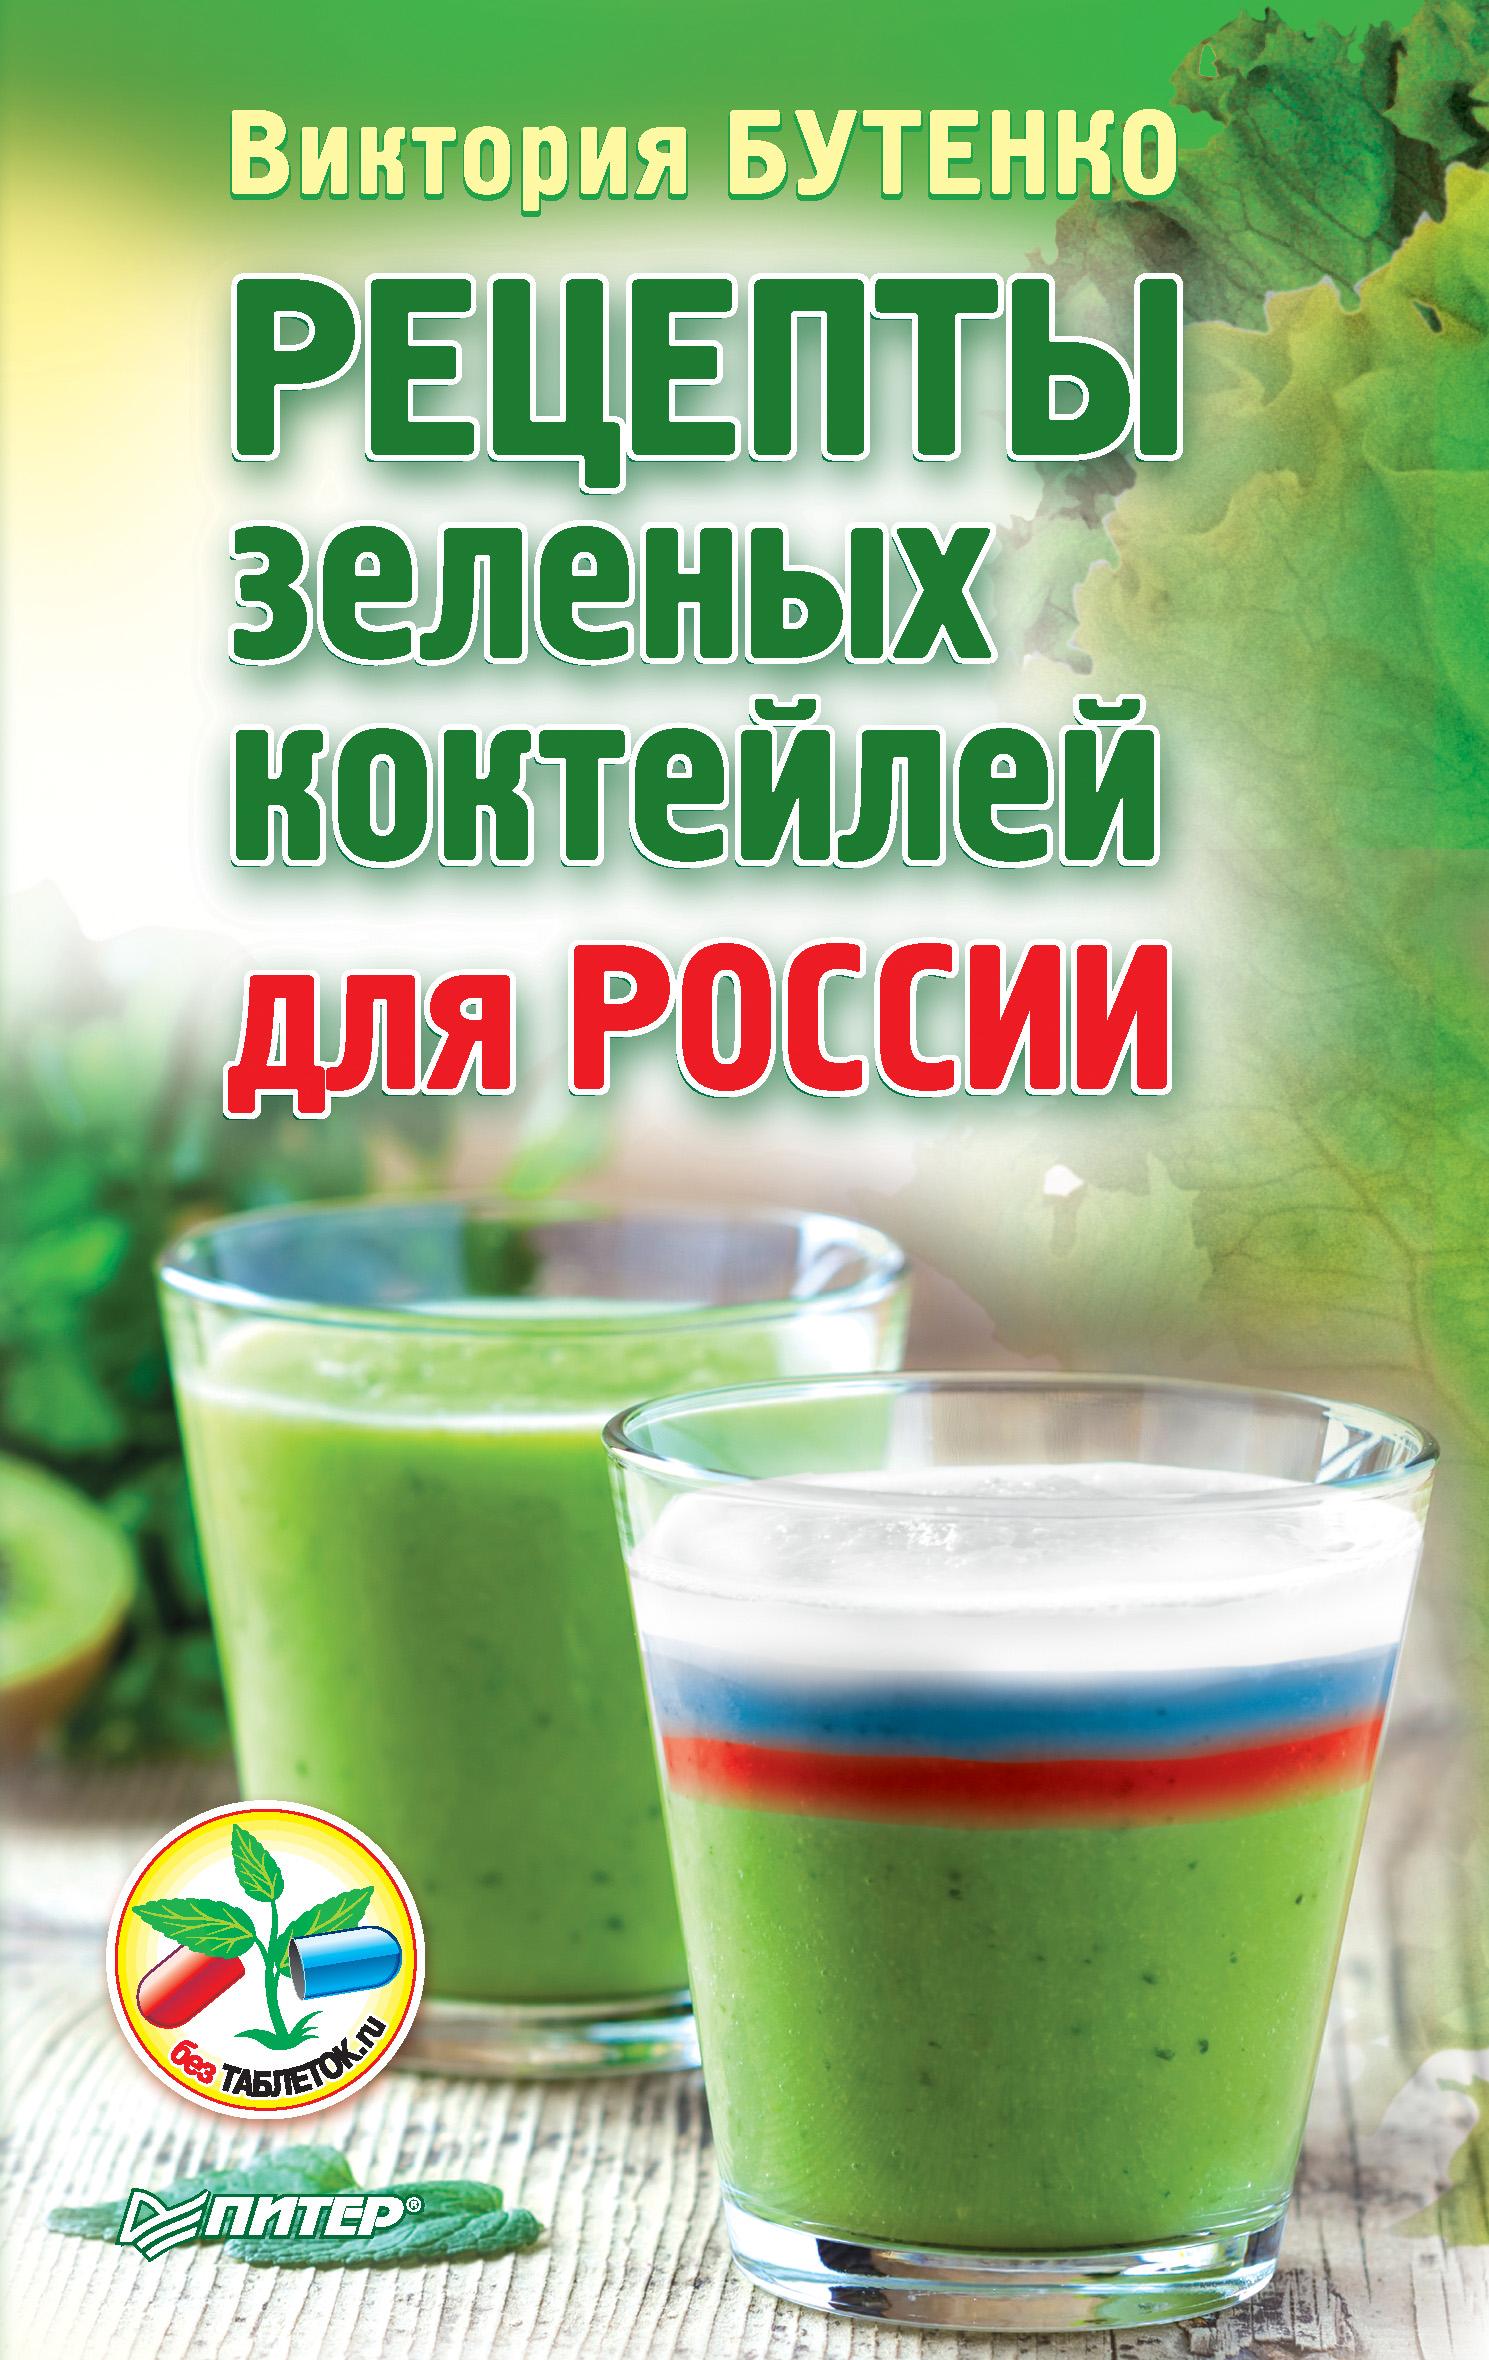 Виктория Бутенко Рецепты зеленых коктейлей для России